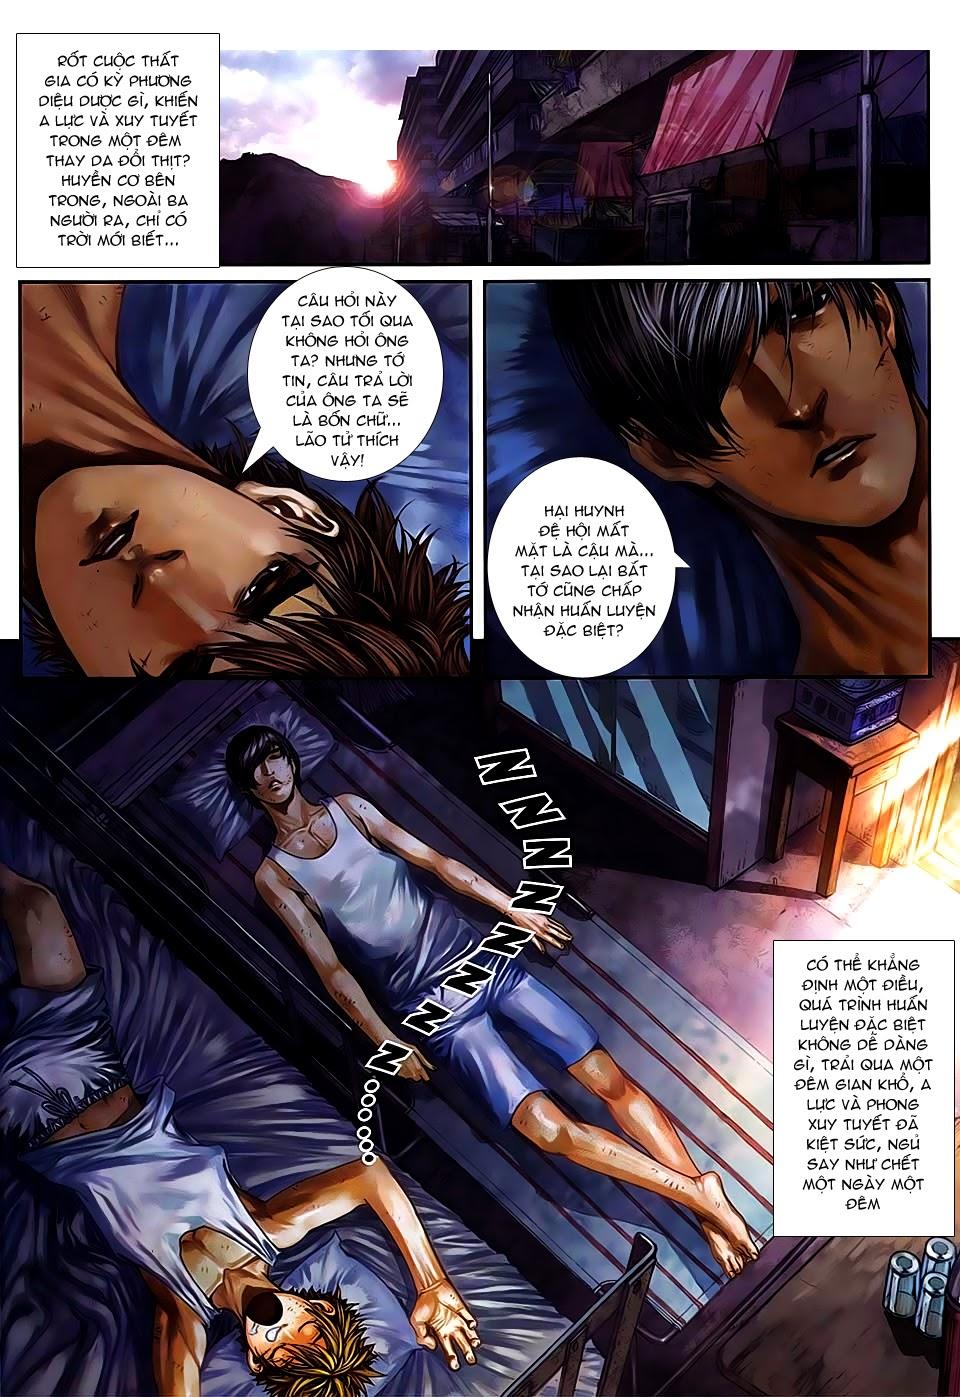 Quyền Đạo chapter 9 trang 10